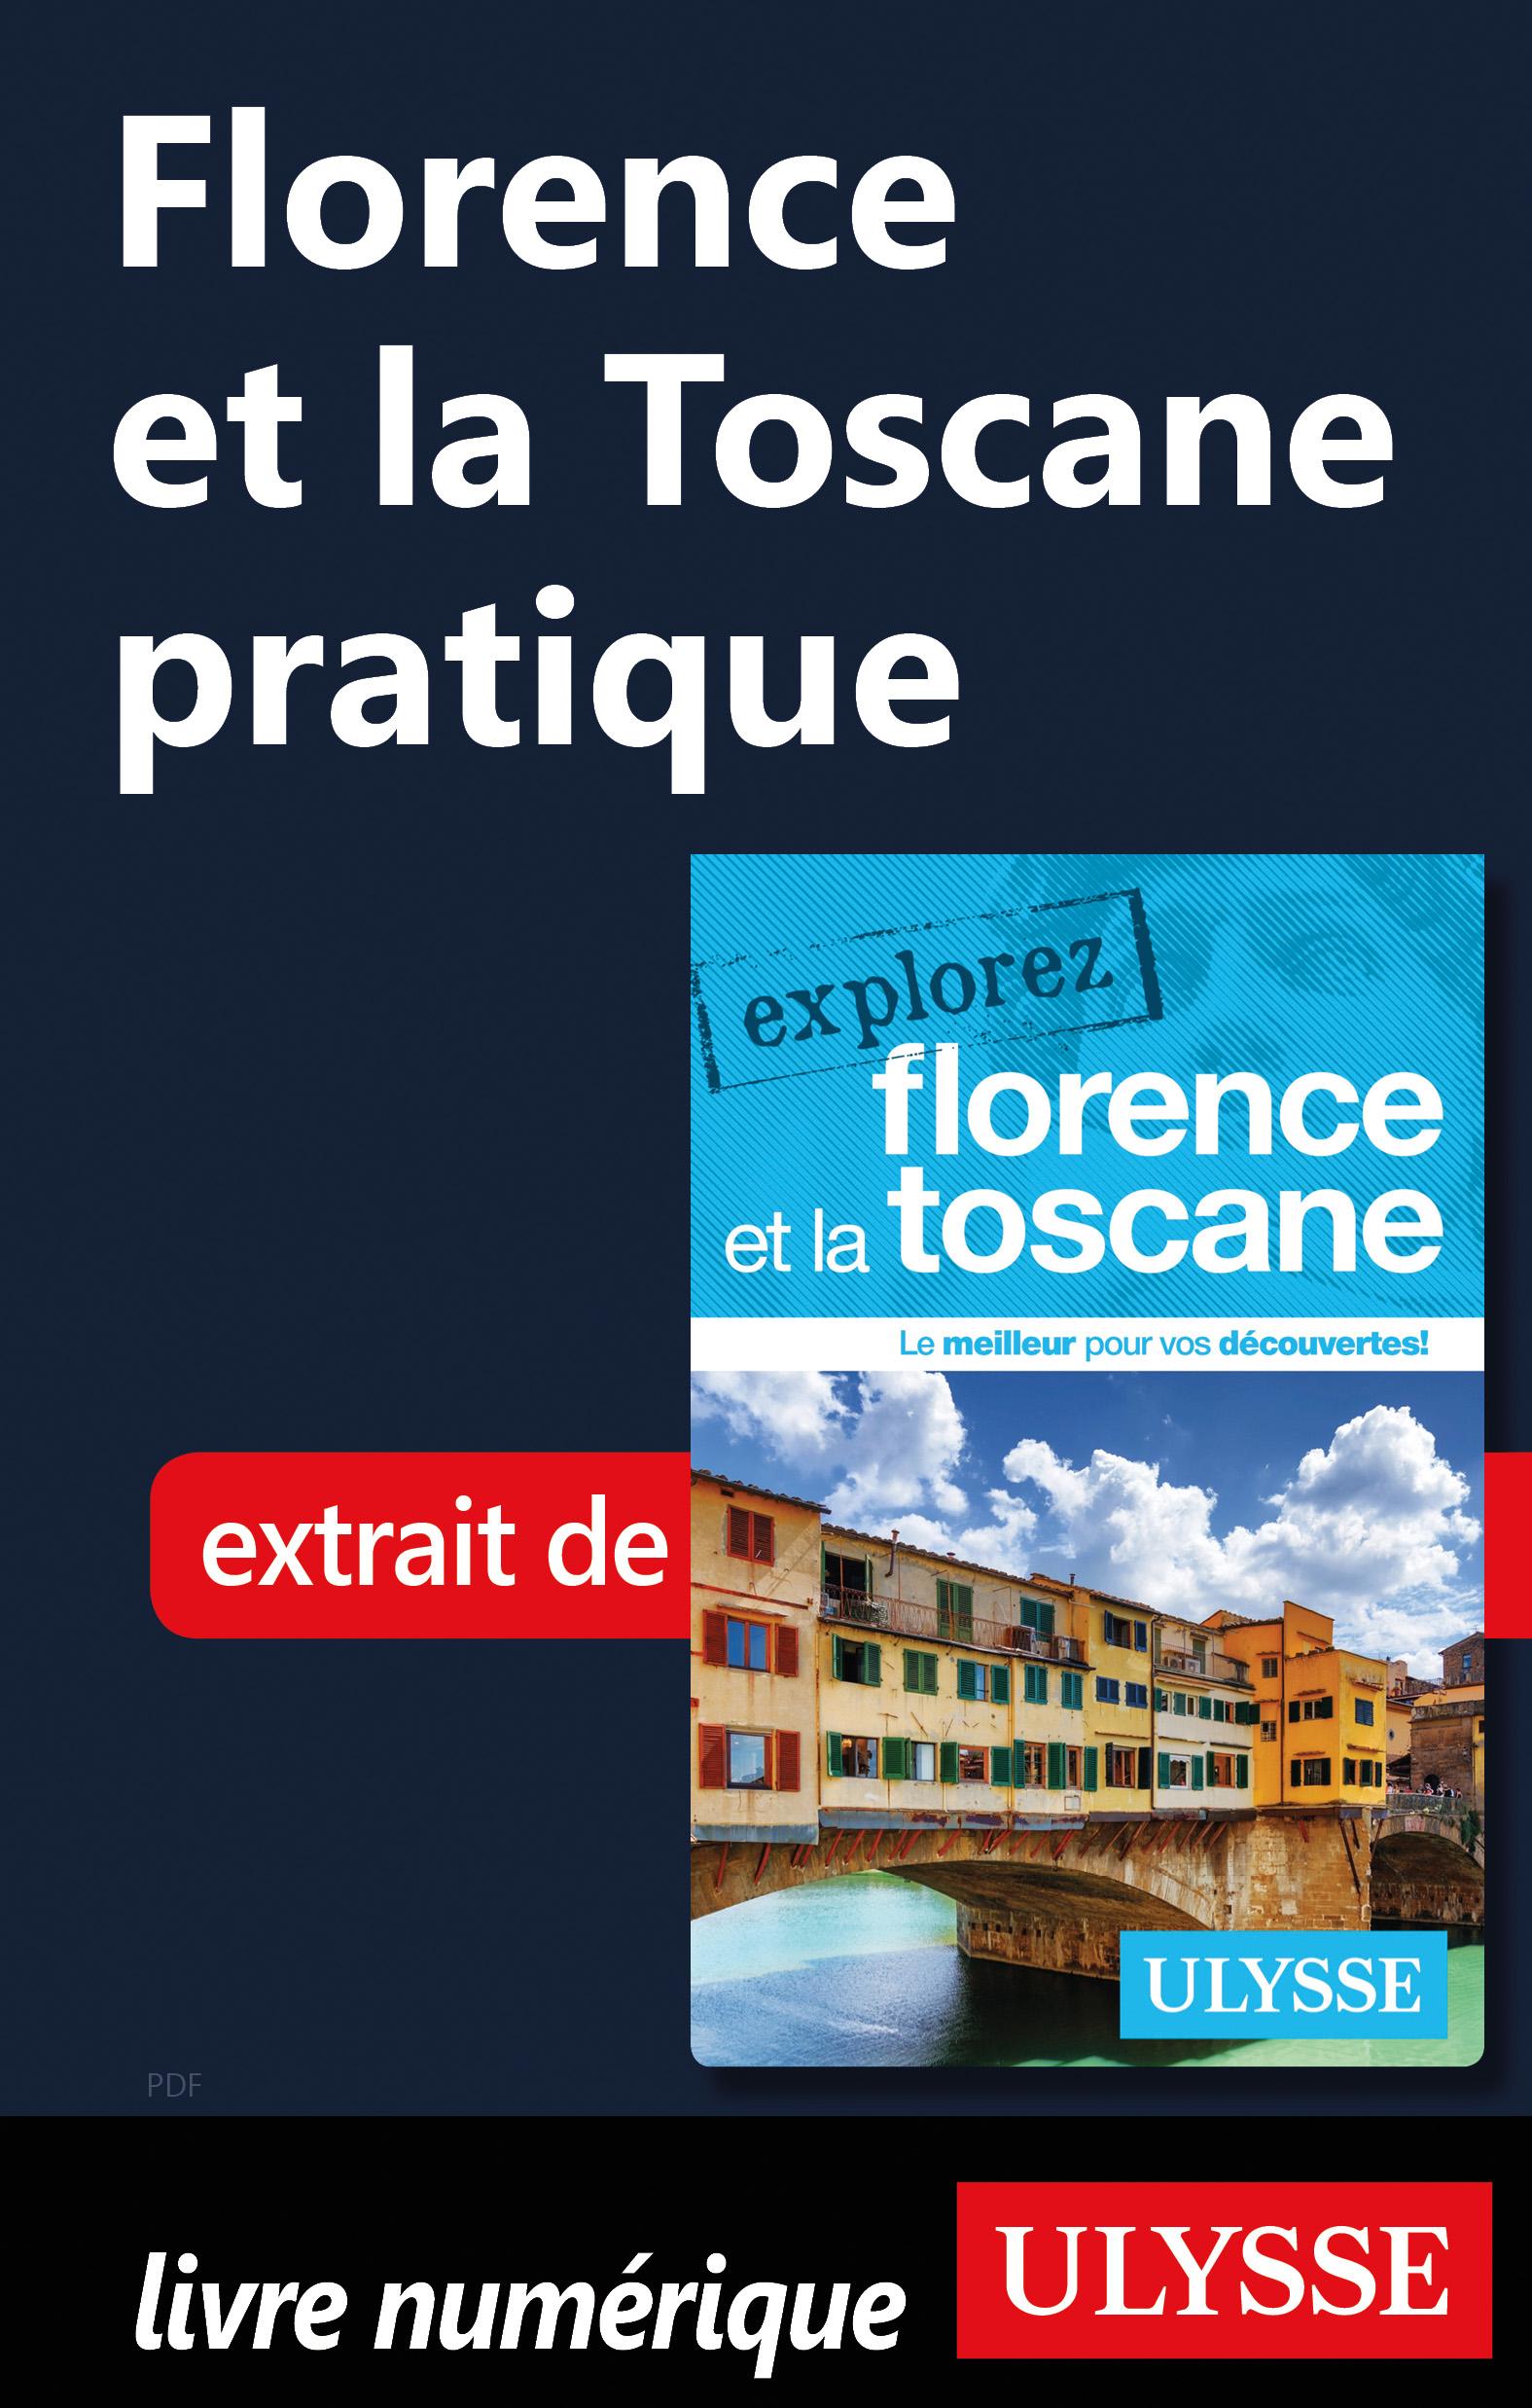 Florence et la Toscane pratique